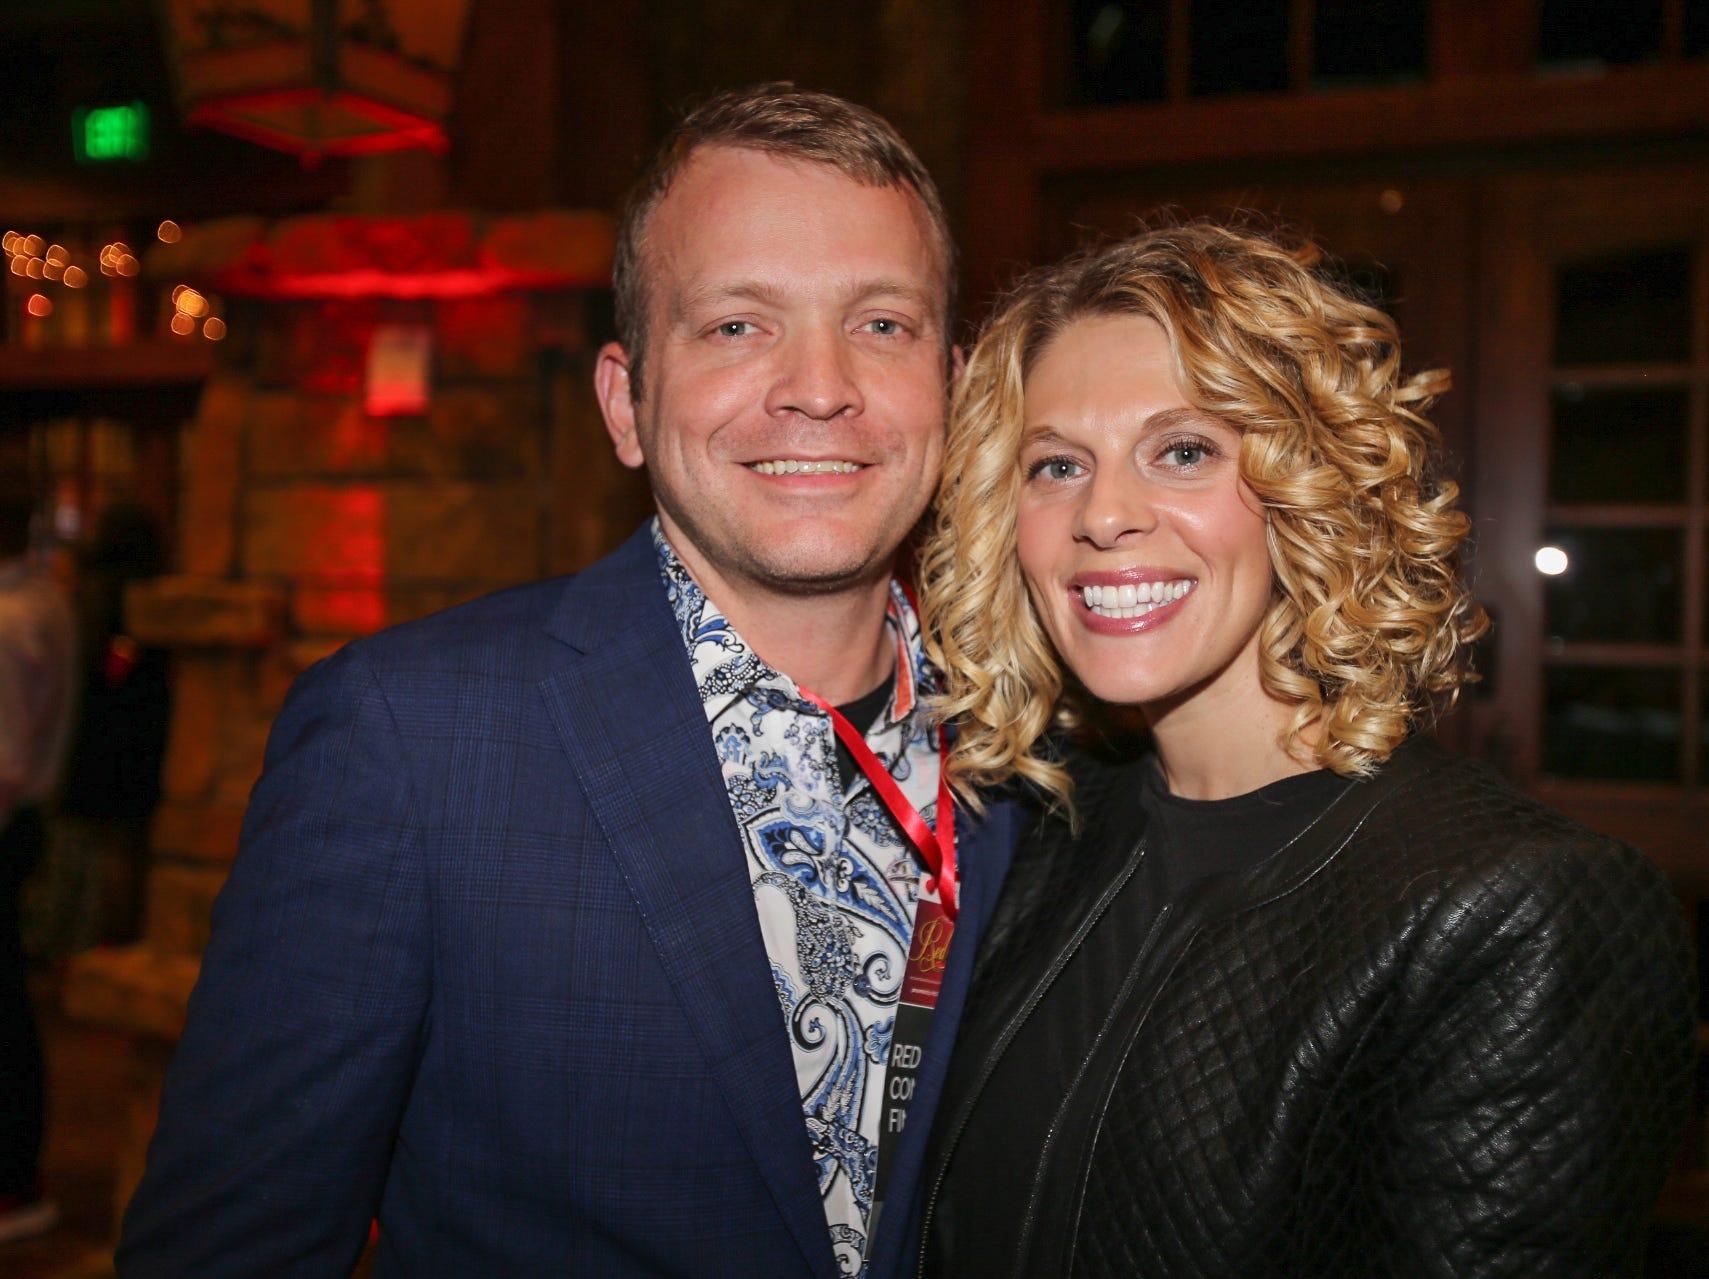 Robert and Katy Shaw